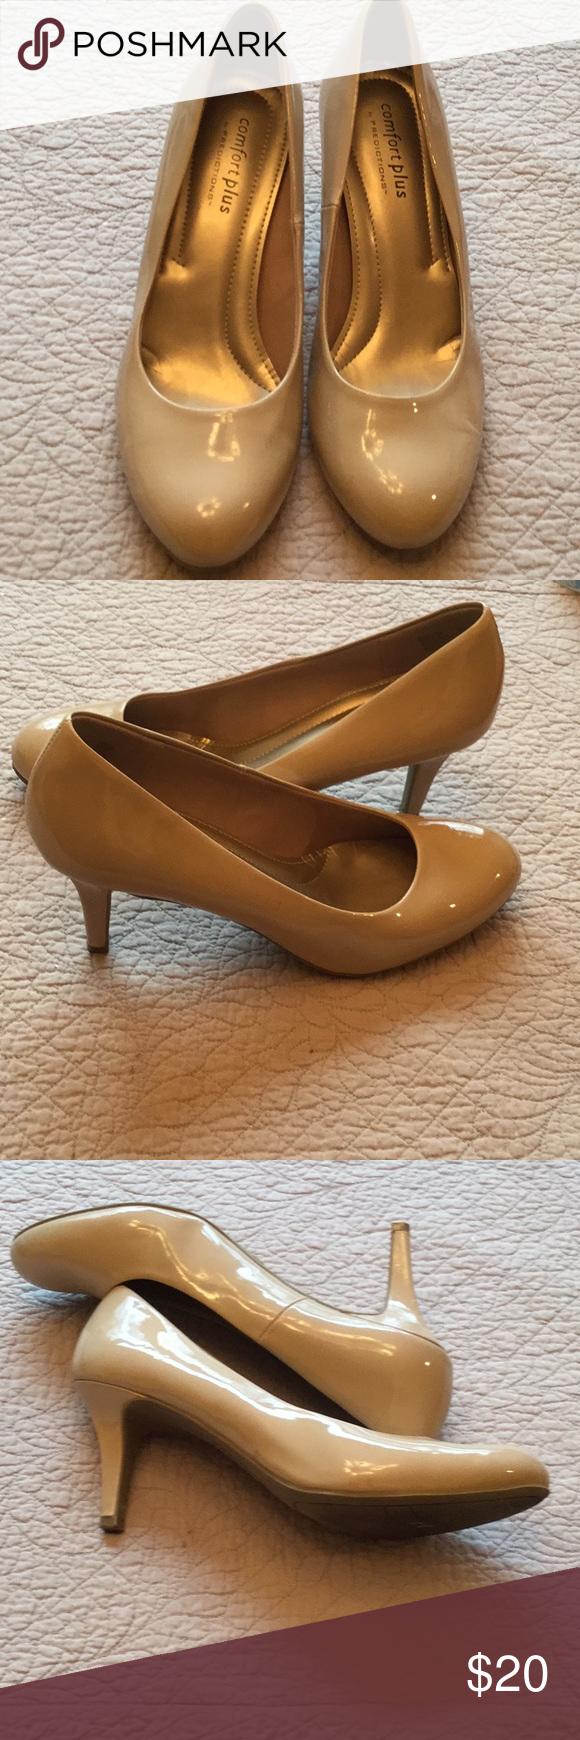 Comfort Plus By Predictions Shoes Shoes Heels Kitten Heels